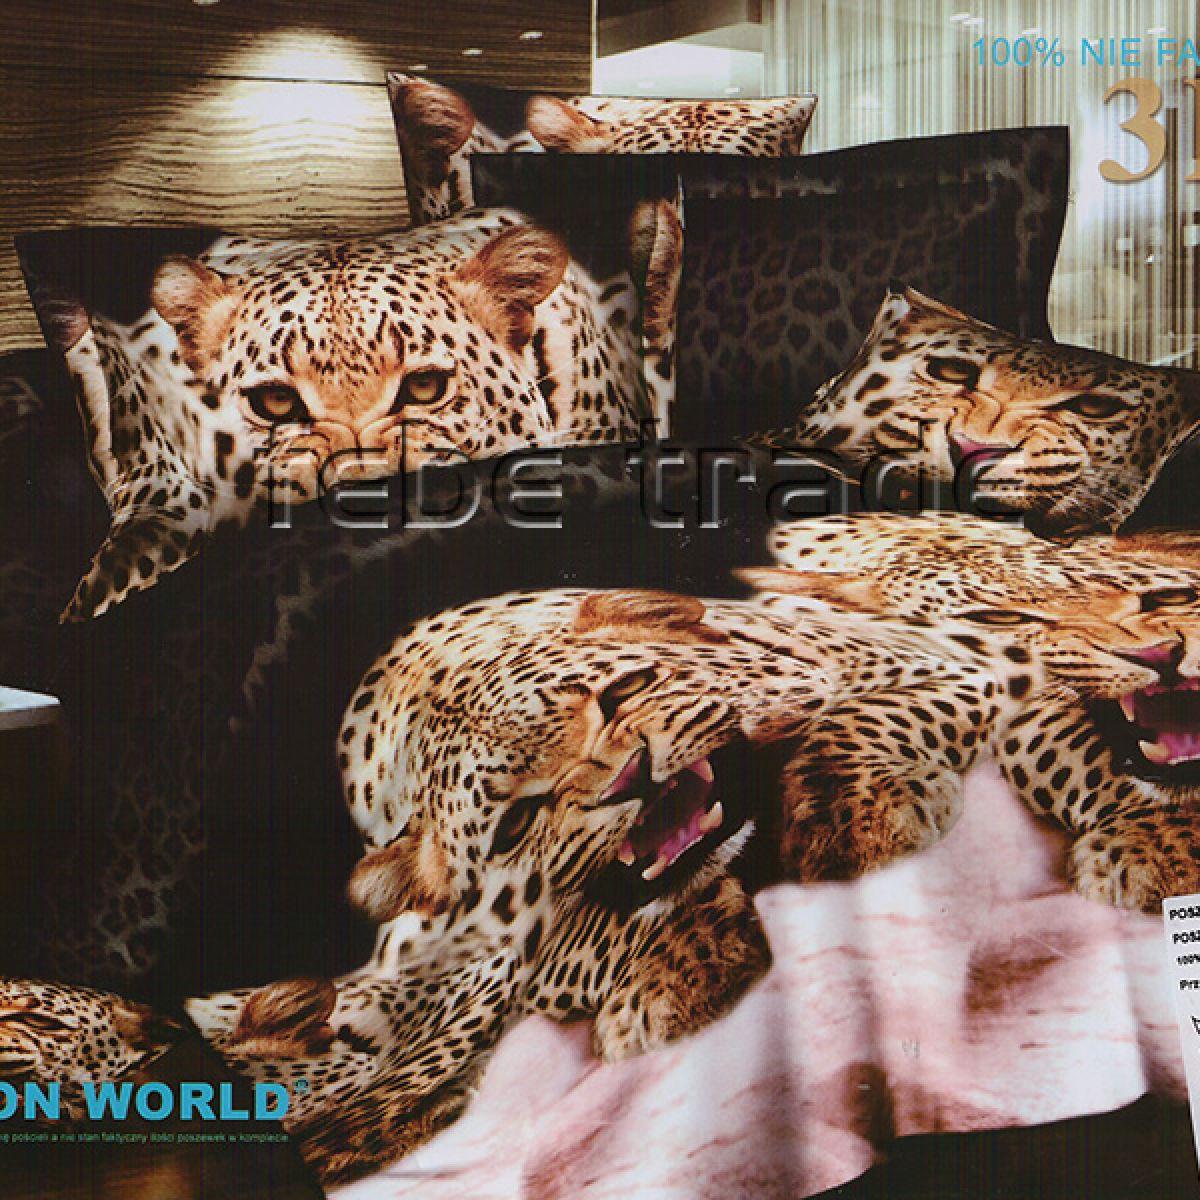 3D Beddings - Cotton World - FSP-227 - 220x200 cm - 4 pcs